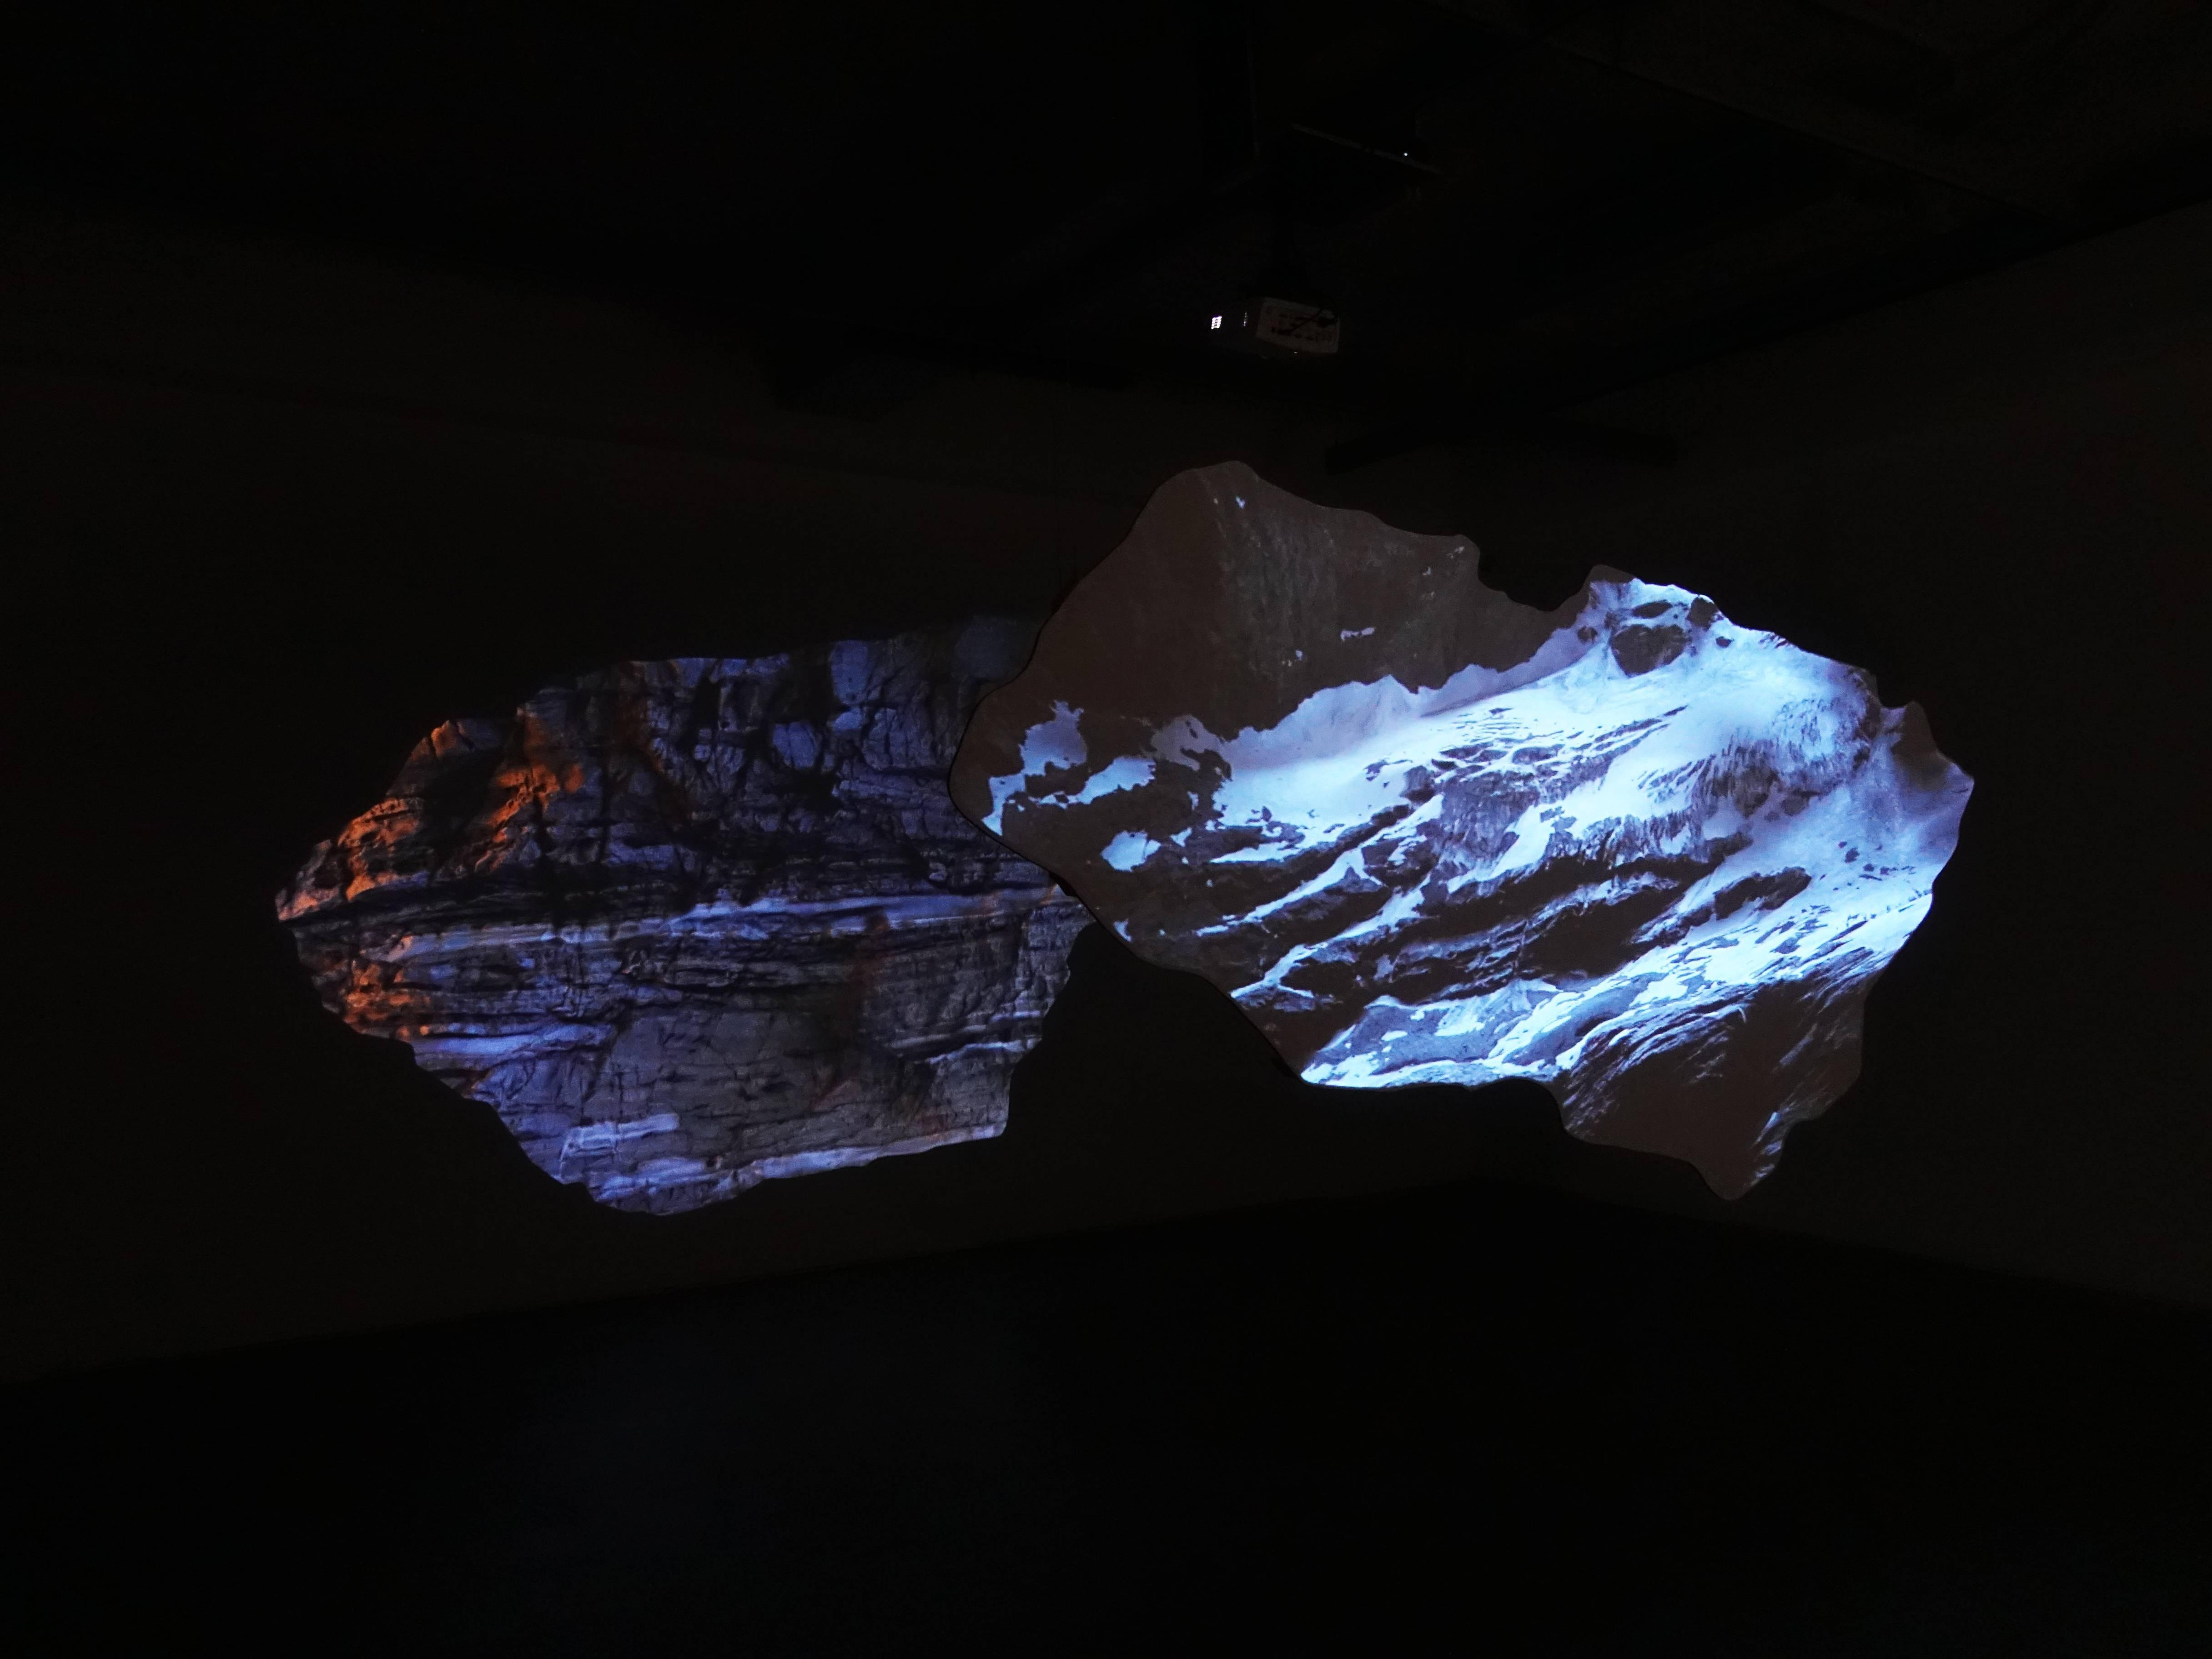 Florian Claar,《The Fiend Dialog對話》,3'00,2 channel HD video installation HD 雙頻錄像,2019。